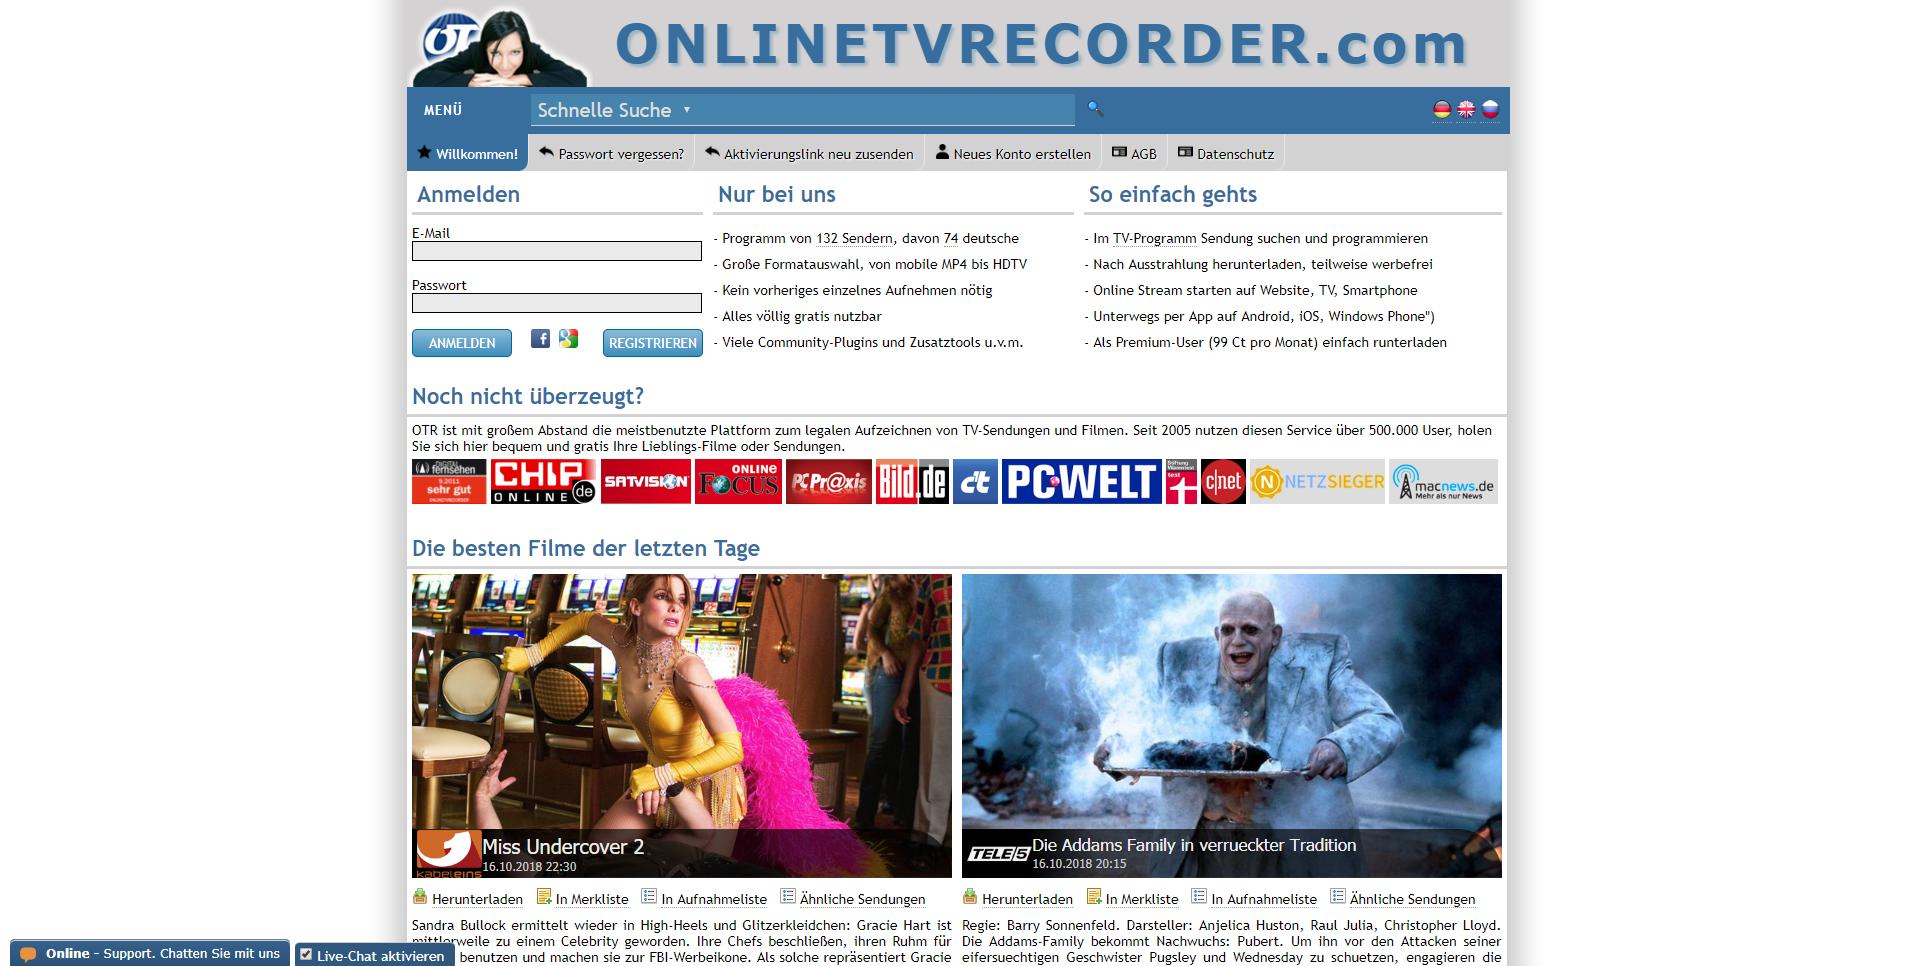 Alternativen zu Videoportal Online TV Recorder - Die